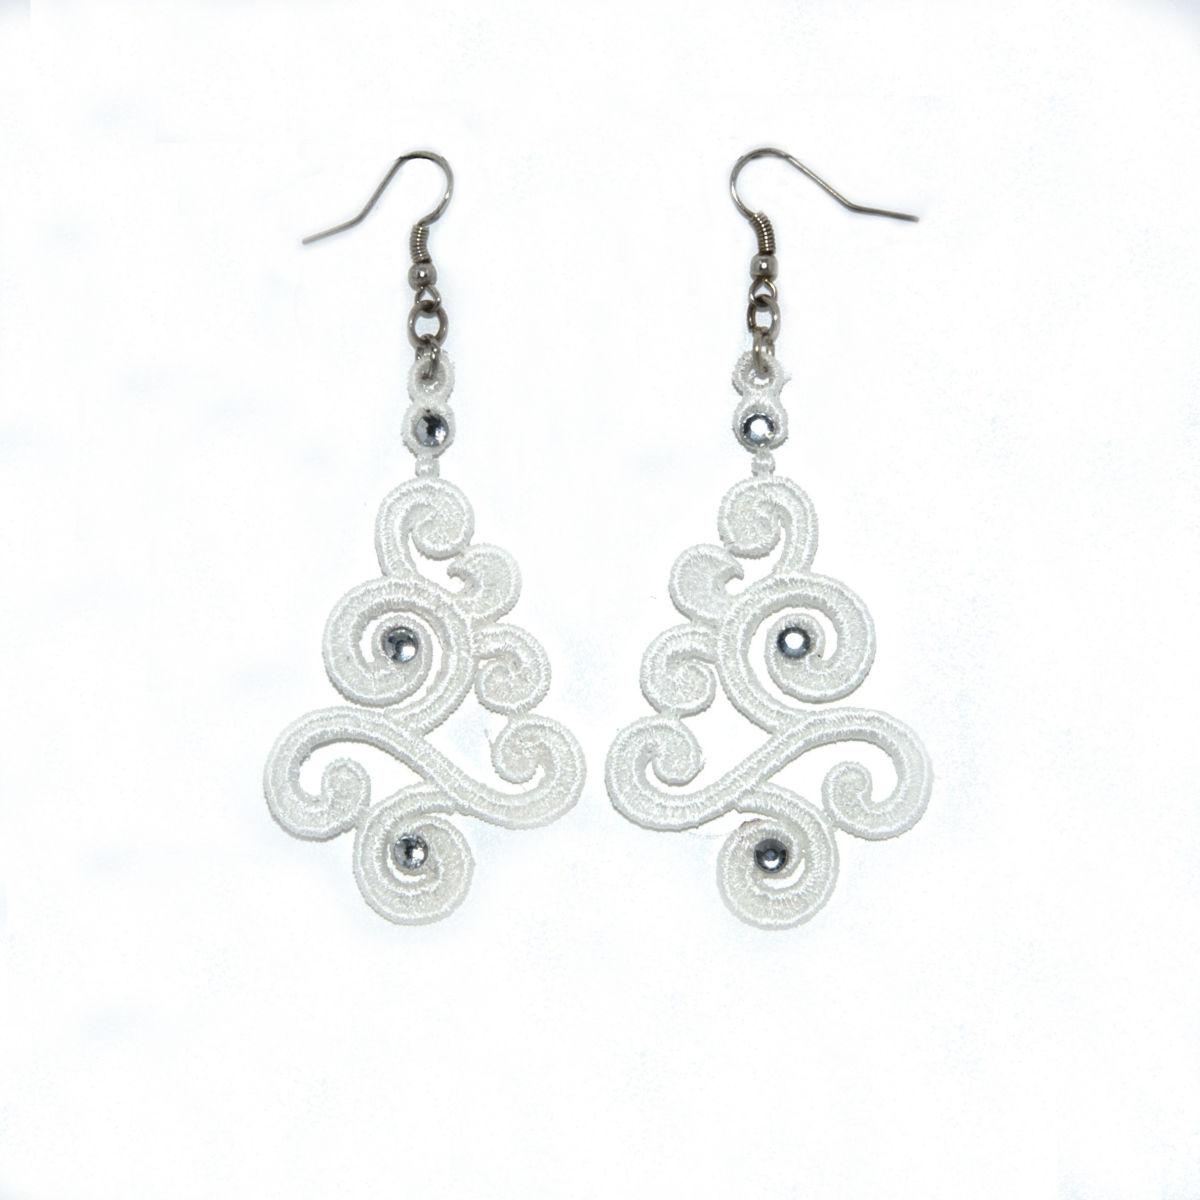 """Boucles d'oreilles """"Celtique"""", bijoux fantaisie, accessoire mode"""